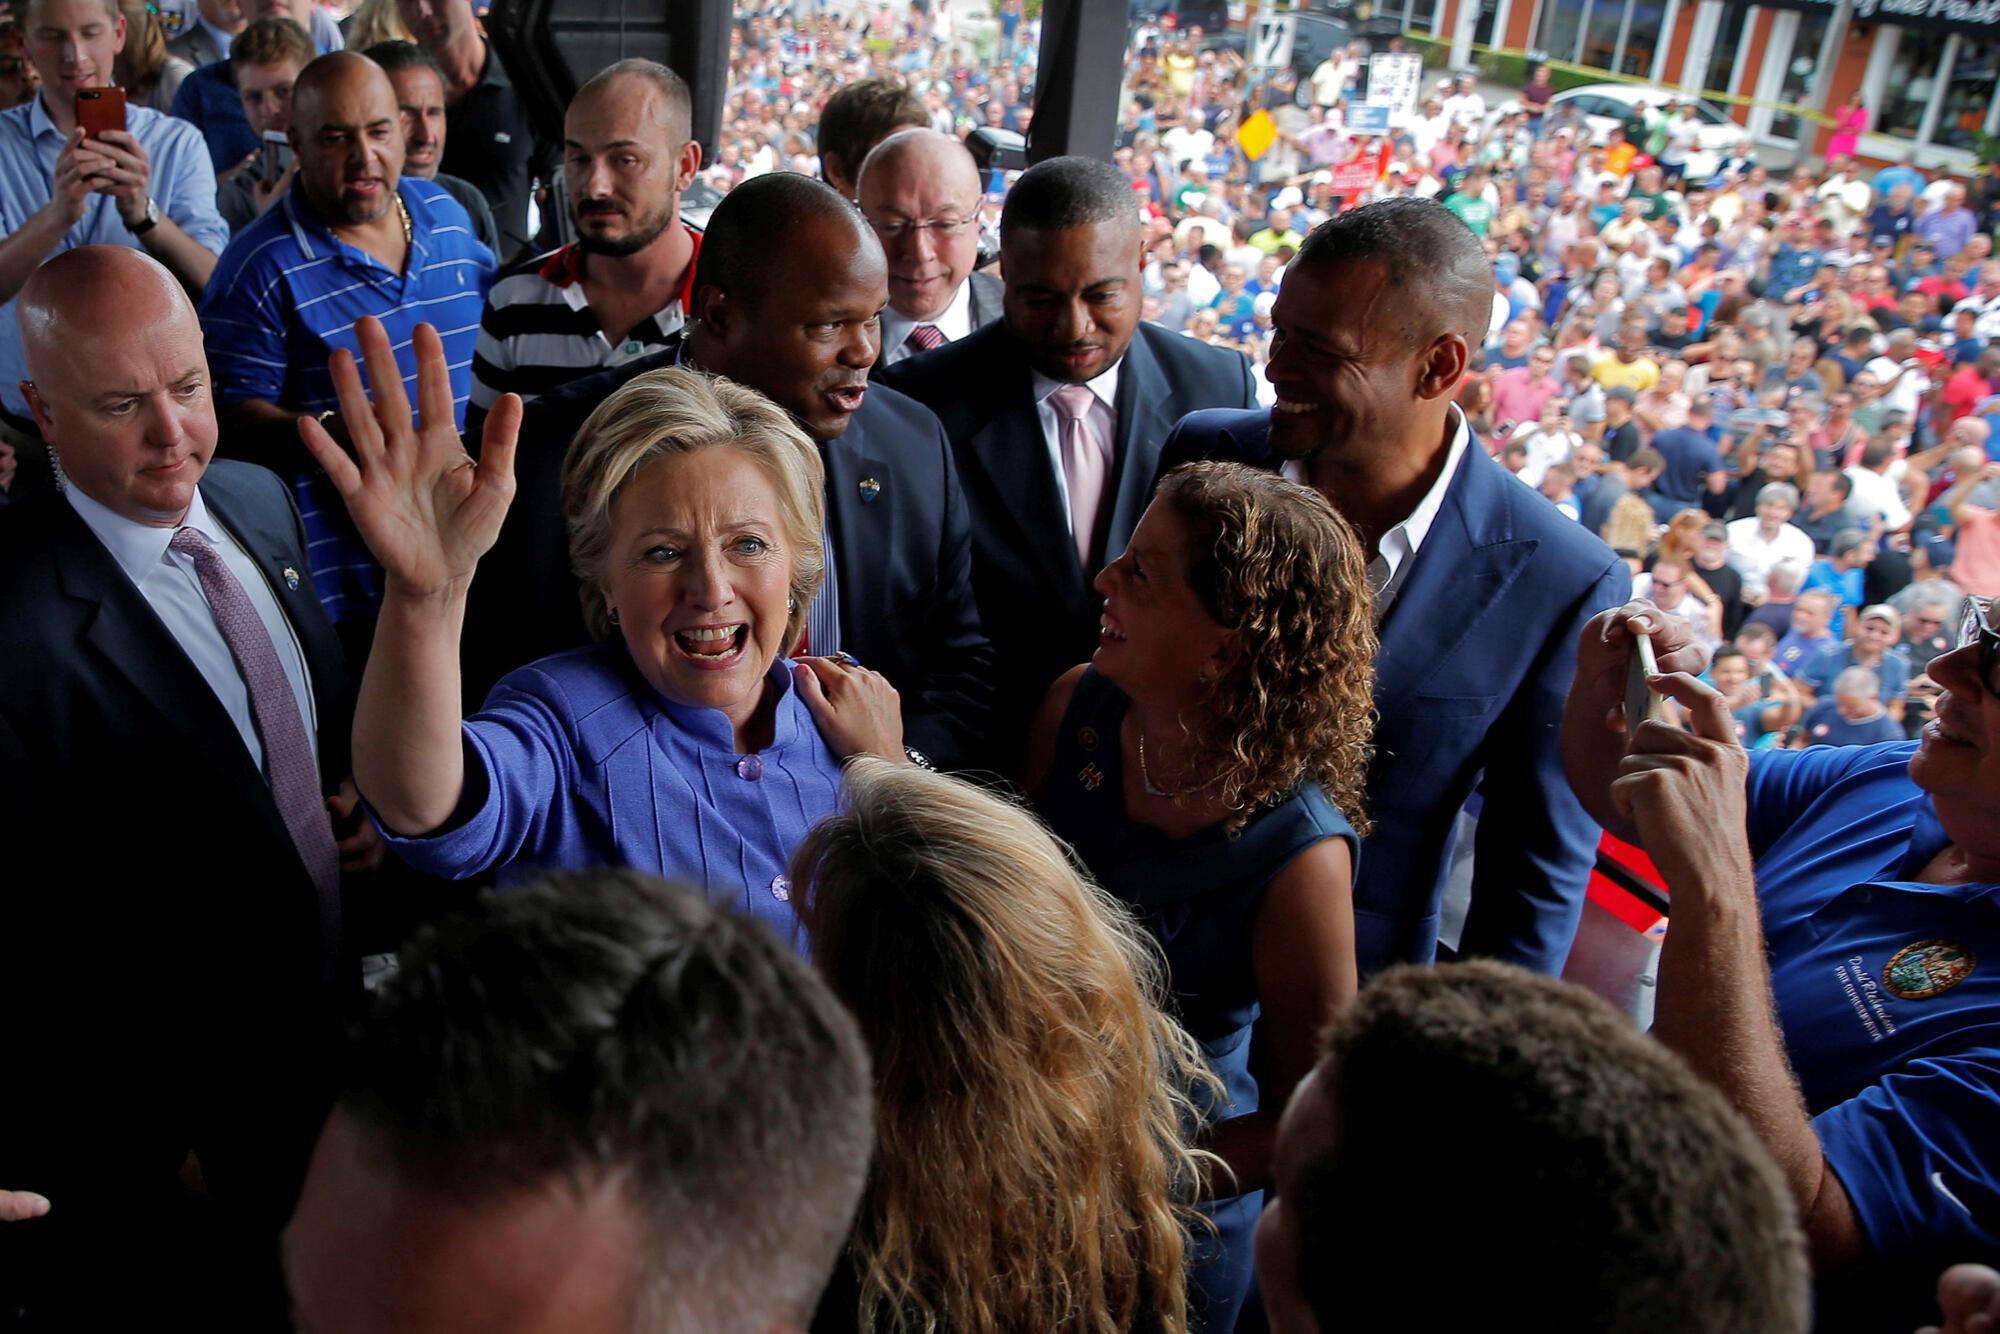 La candidate démocrate, Hillary Clinton après un meeting en Floride, le 30 octobre 2016.